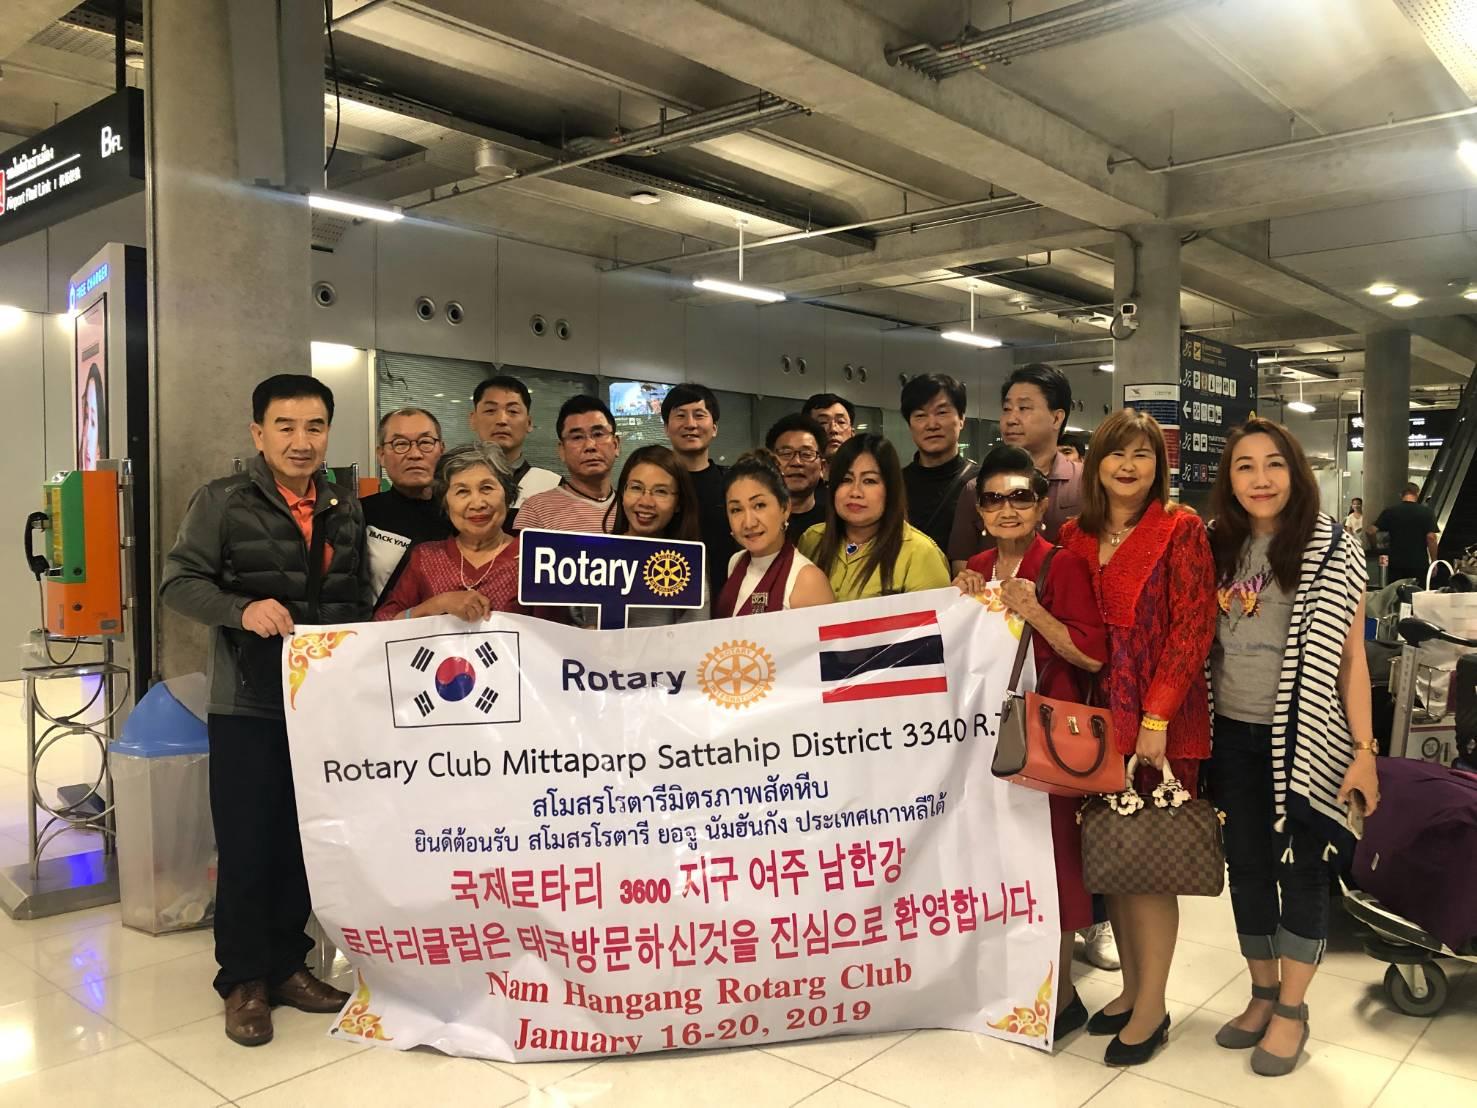 สโมสรโรตารีมิตรภาพสัตหีบจดคู่มิตรกับสโมสรโรตารียอจู นัมฮันกัง ประเทศเกาหลี